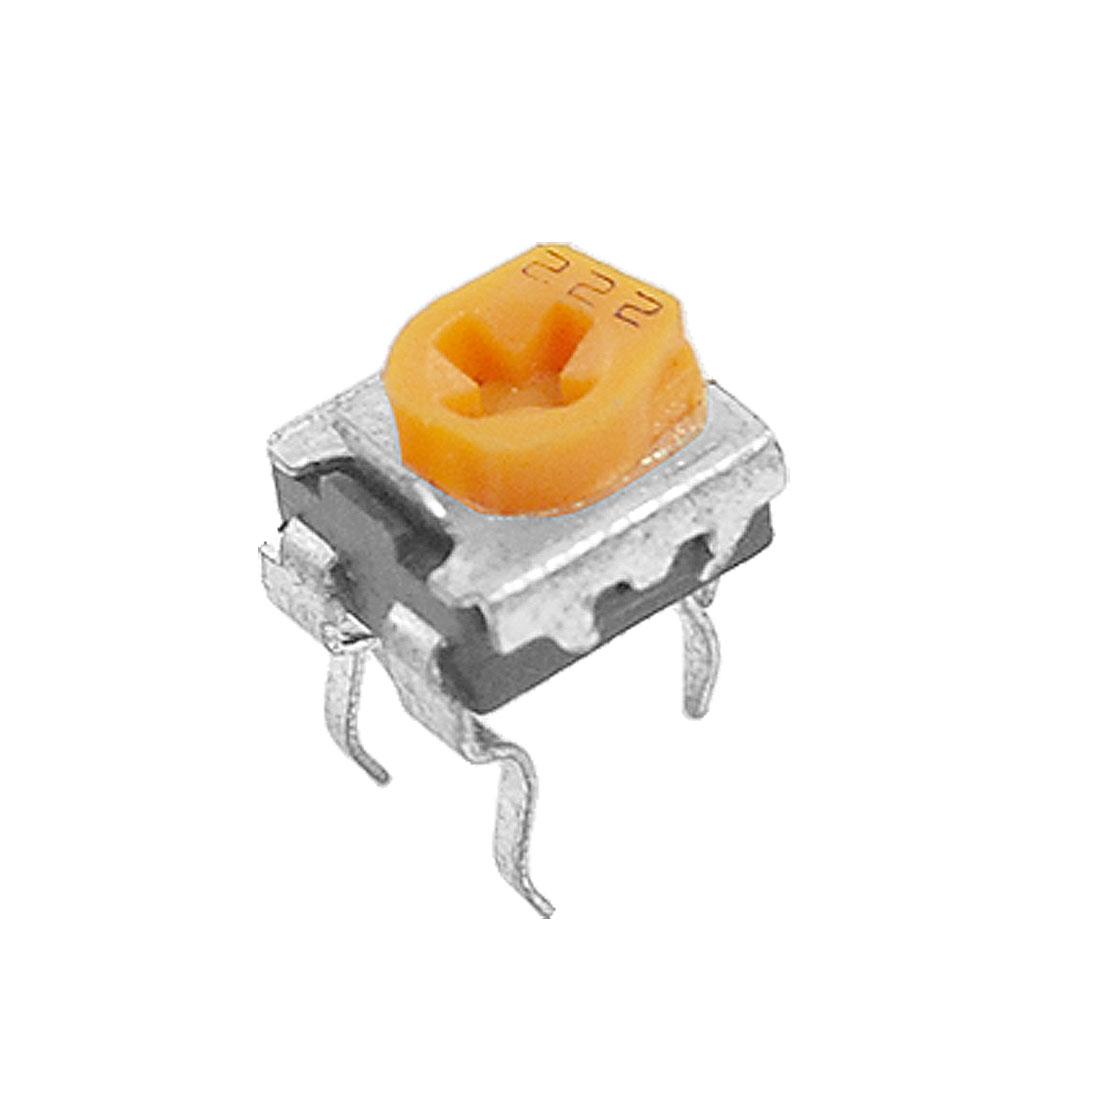 Variable Resistor Trim Pot Potentiometer 222 2.2K Ohm 100 Pcs